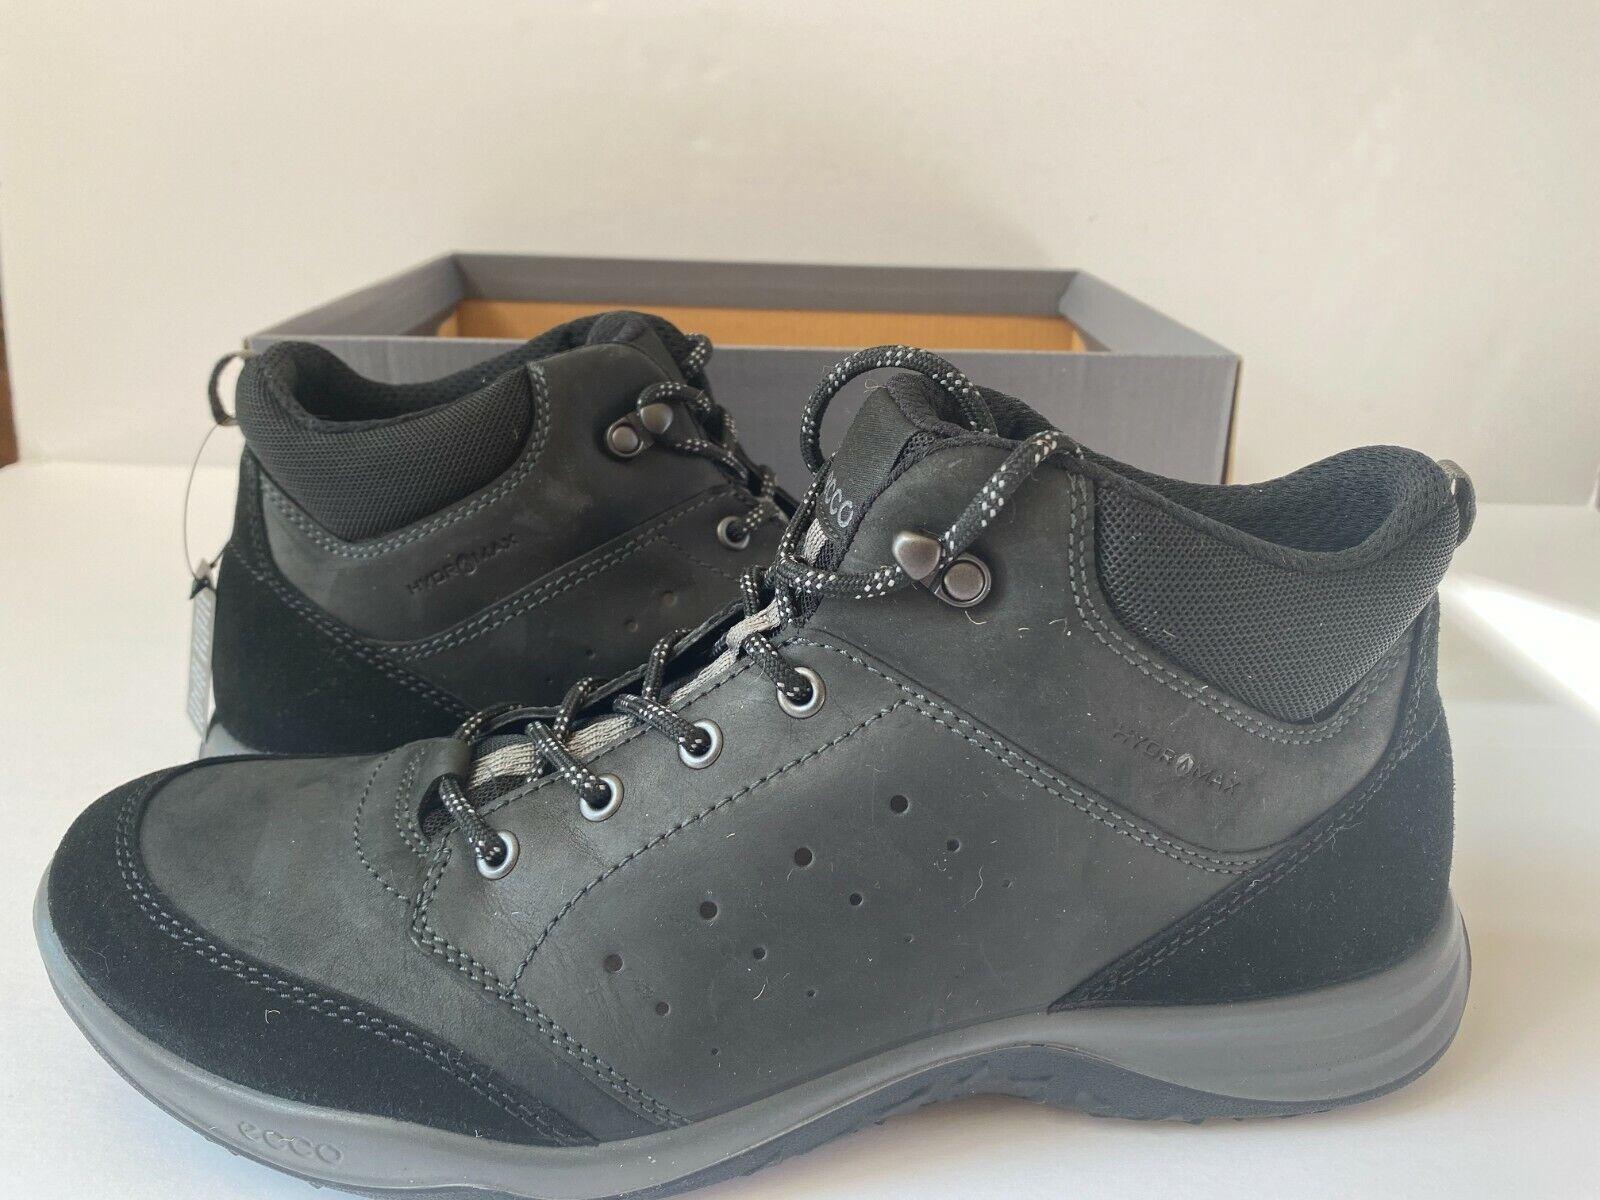 ECCO HydroMax Men's Espinho Mid Cut Hiking Boot Black US 11-11.5 EUR 45 NIB